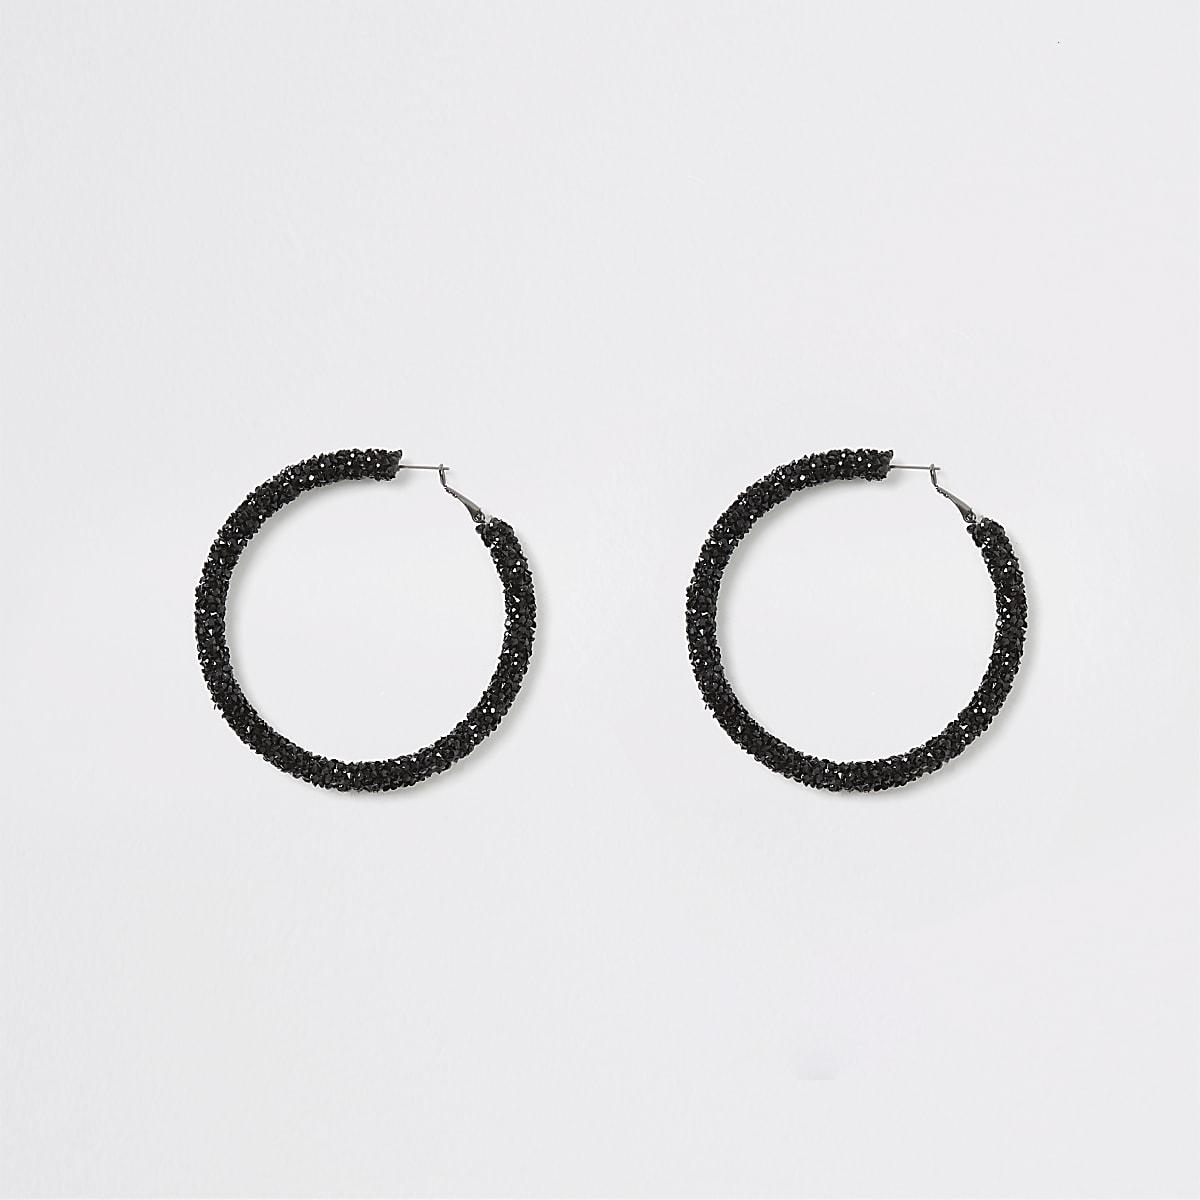 Zwarte ronde oorbellen verfraaid met glitters